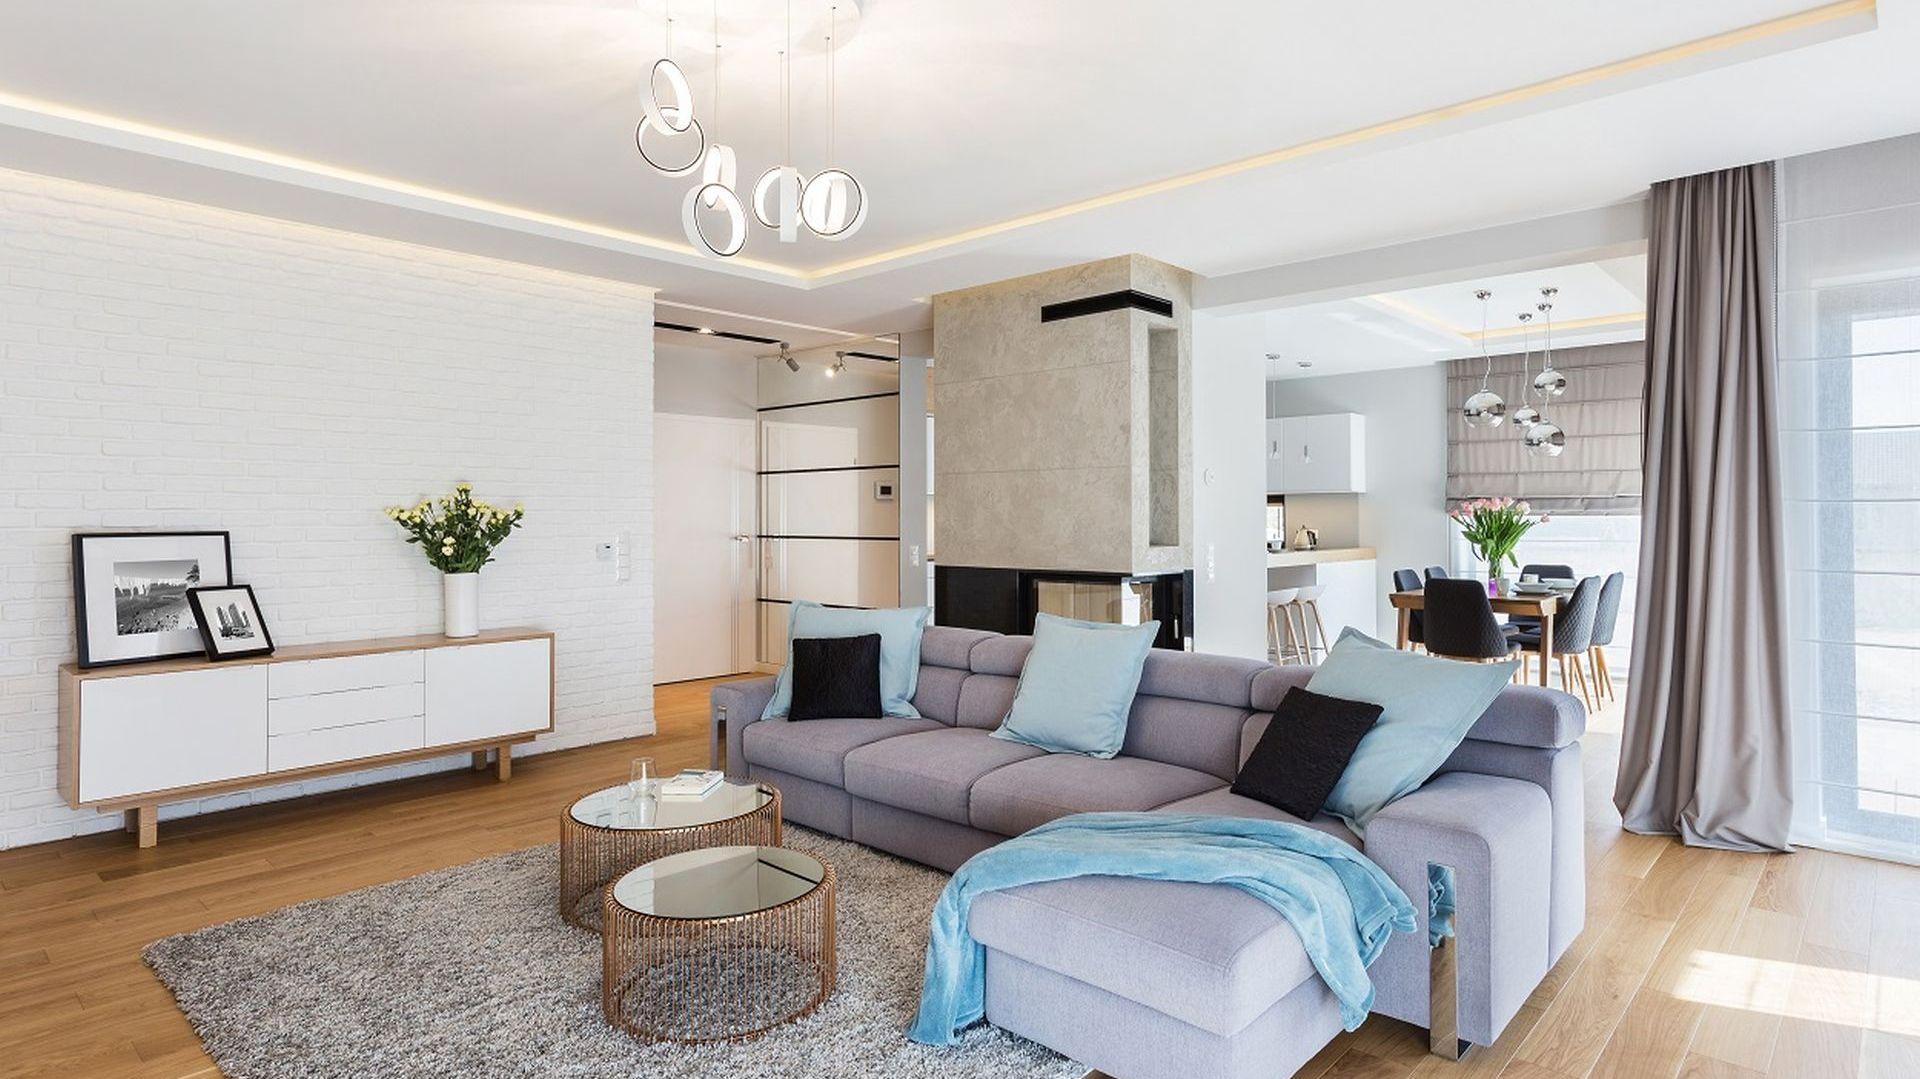 W tym salonie znajdziemy wszystko, co najlepsze w stylu skandynawskim. Projekt: Agnieszka Gentiletti (Architetto). Fot. Michał Młynarczyk